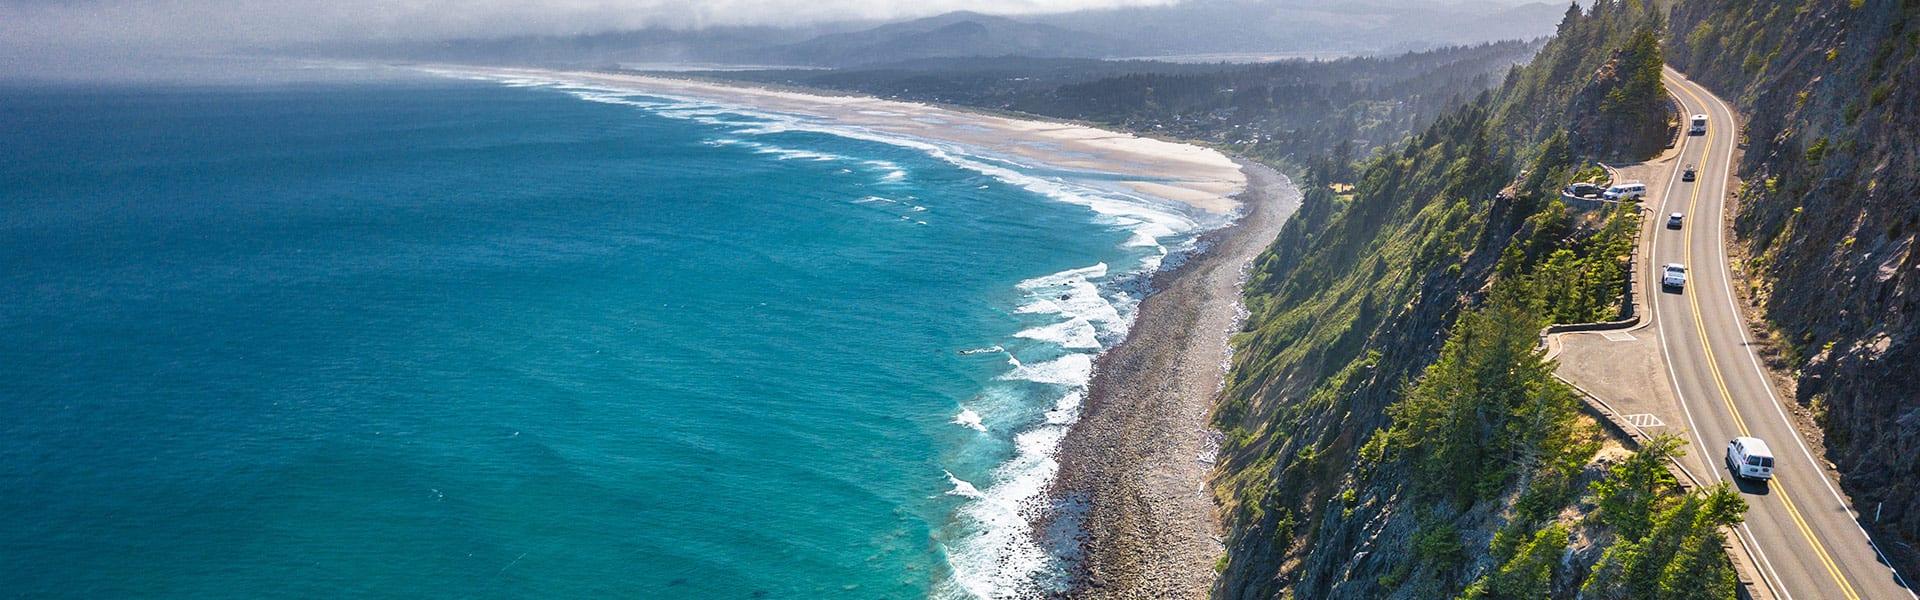 חופיהאוקיינוס השקט: סיאטל וקטצ'יקן לוונקובר